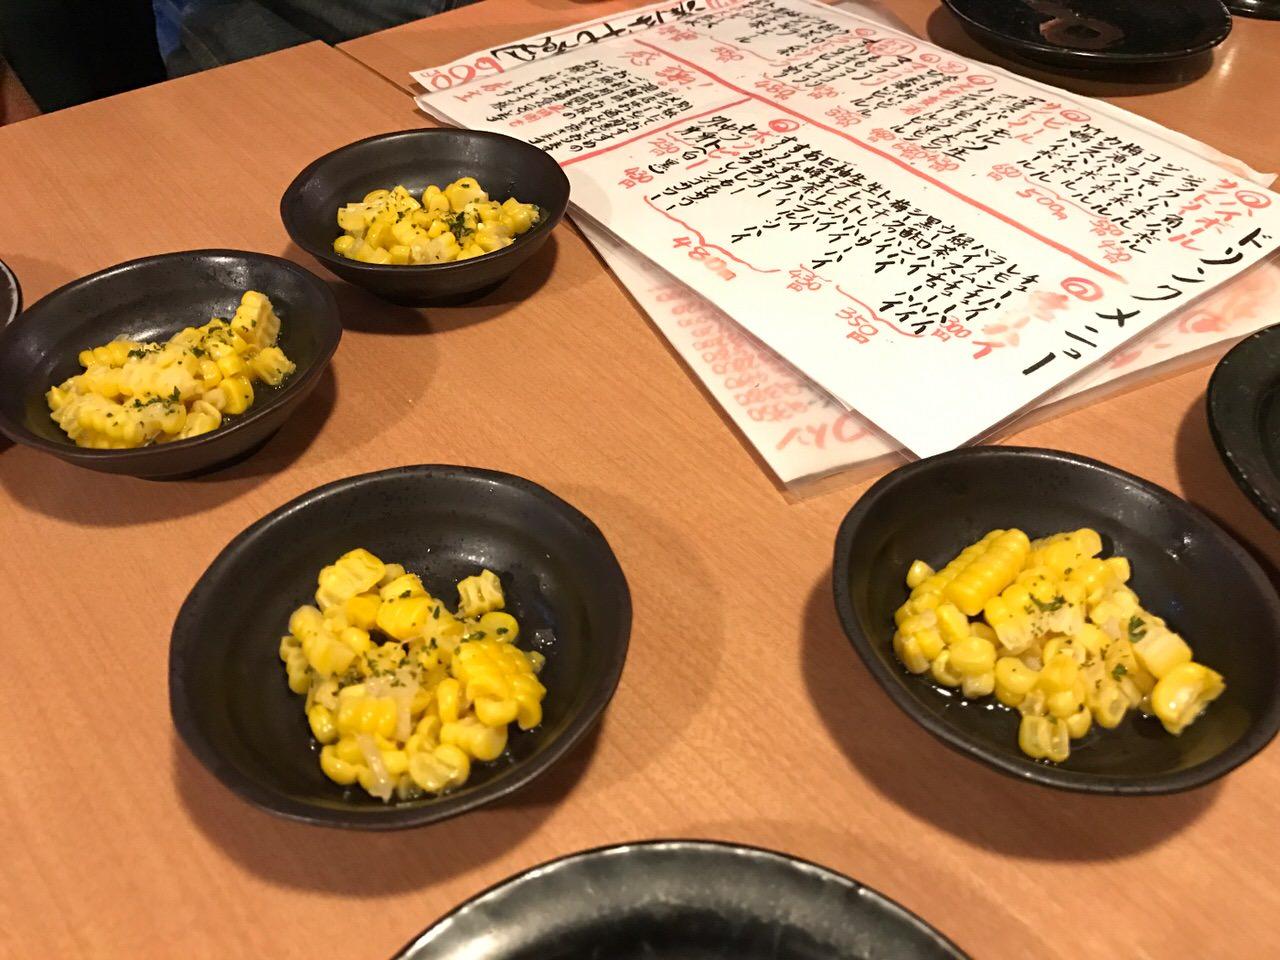 Momonjiya kanda 9655